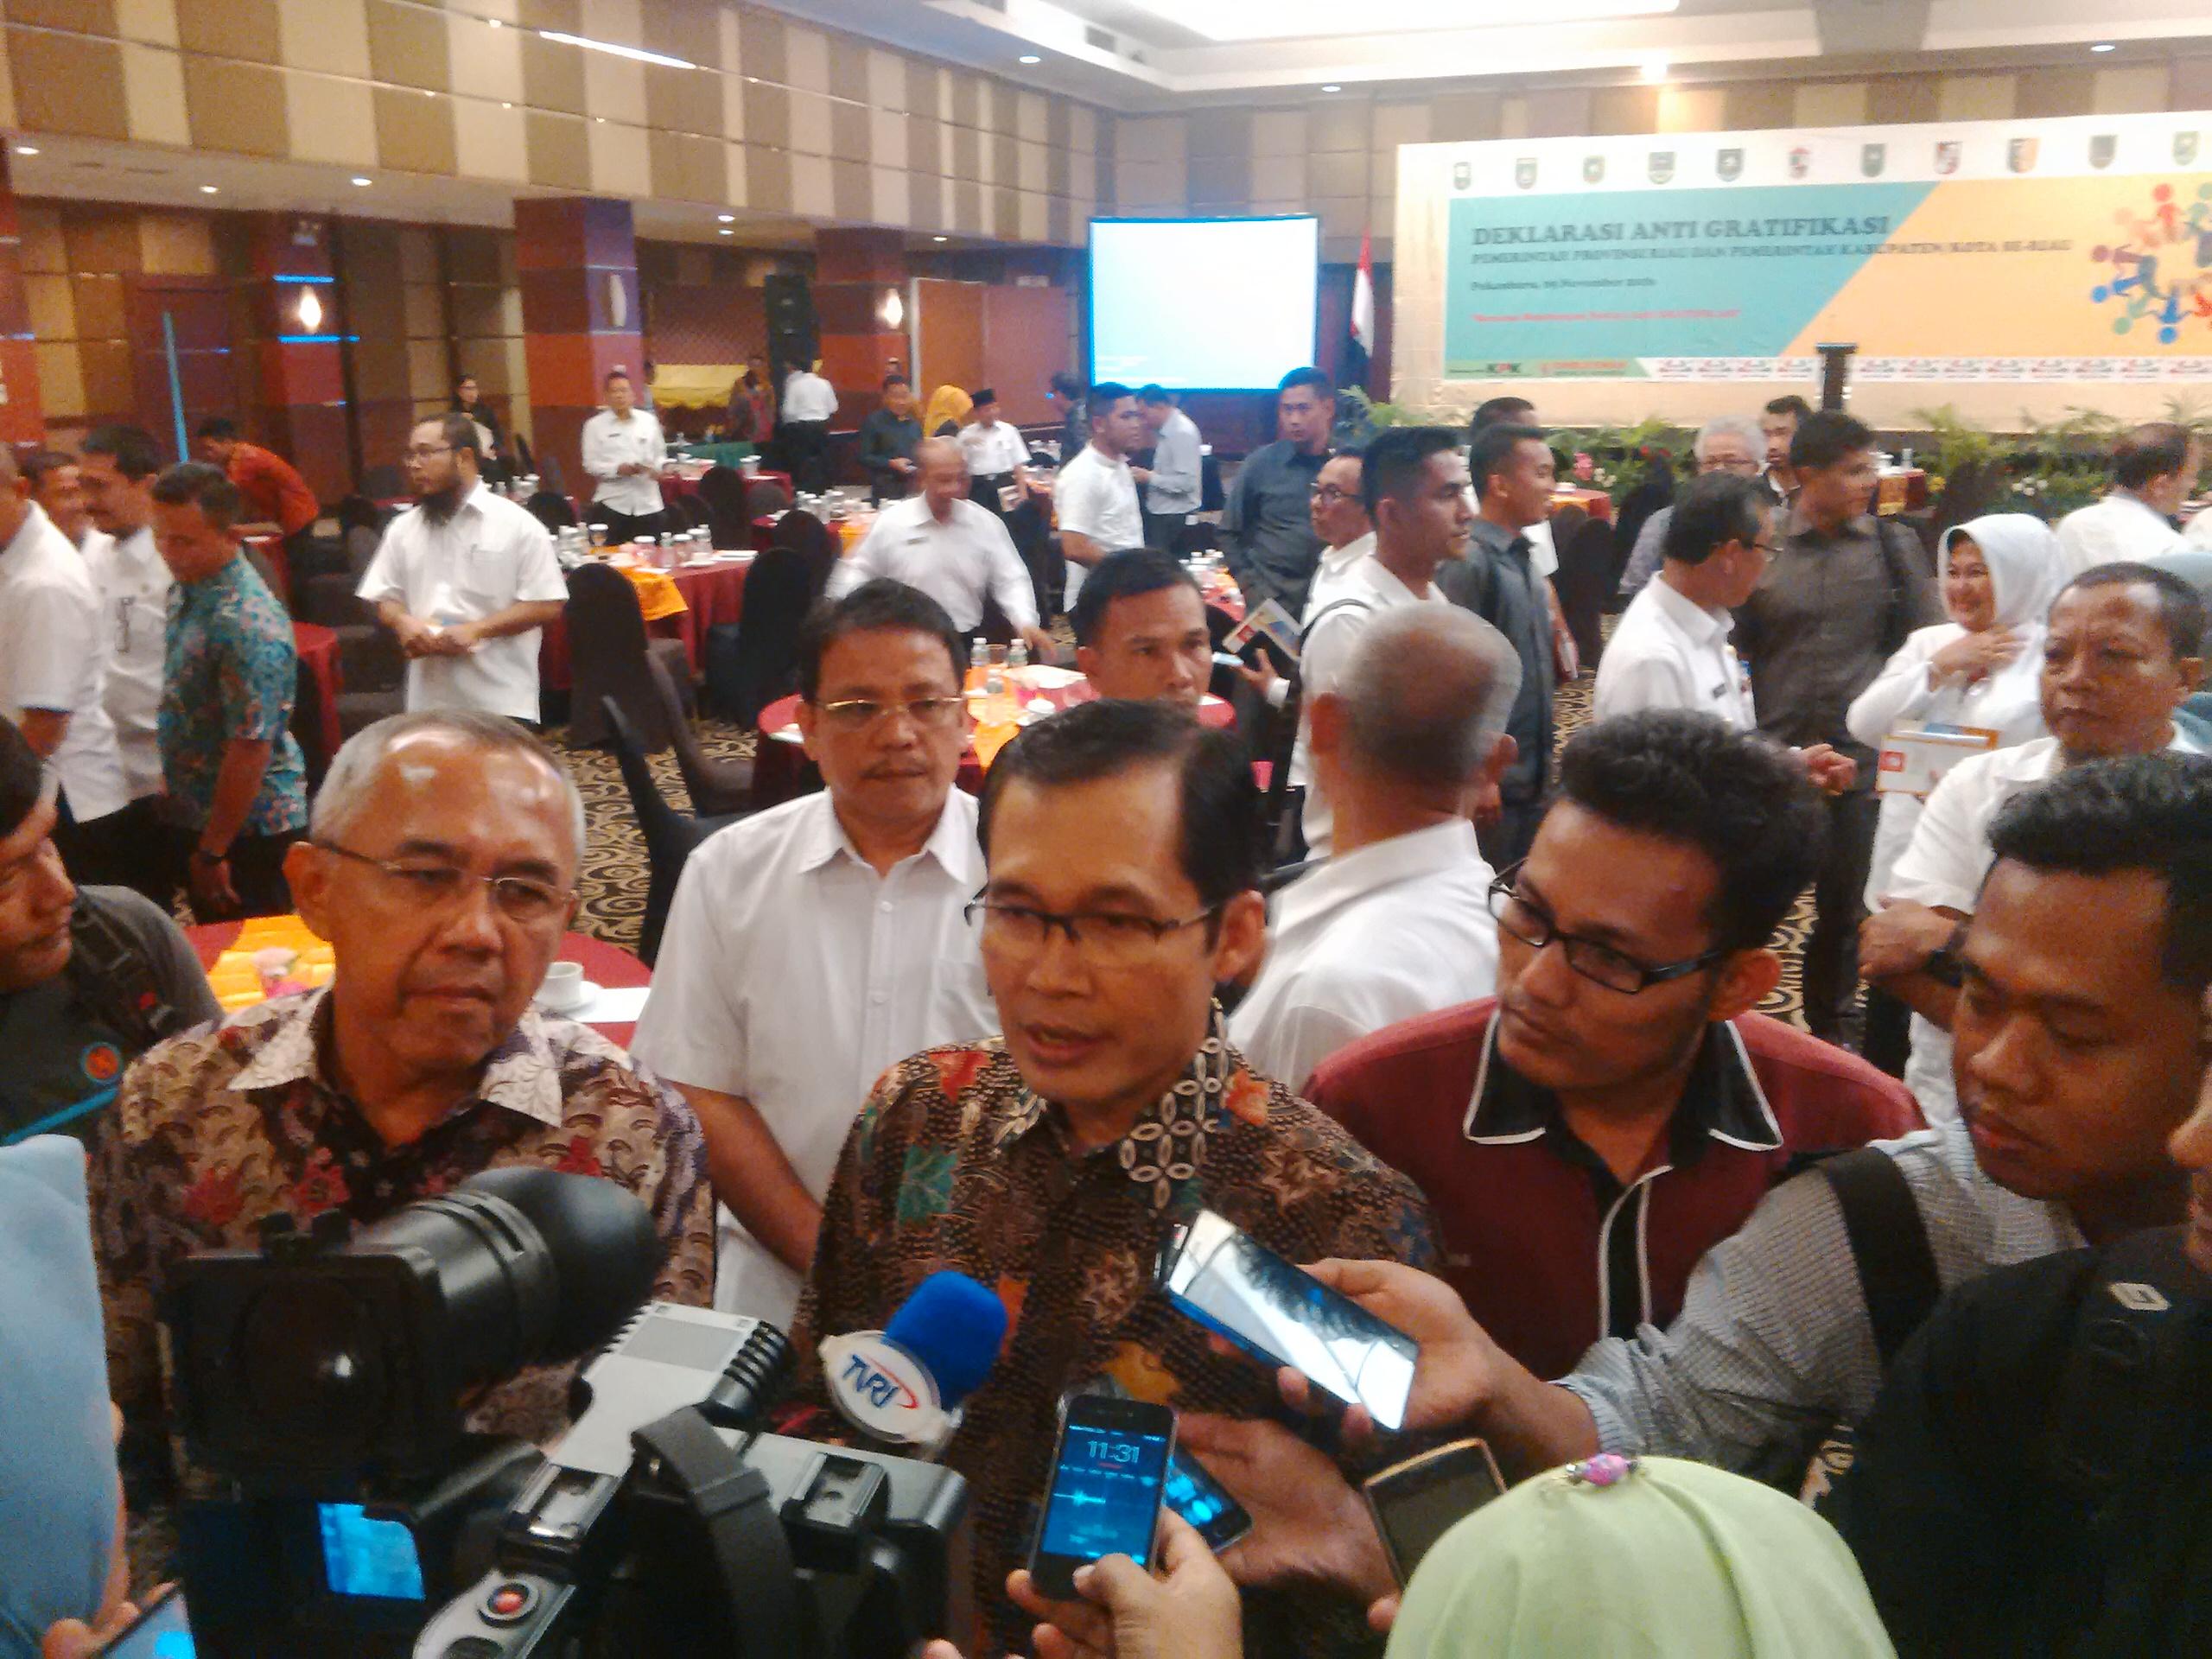 Riau Tuan Rumah Hari Anti Korupsi, Ini Susunan Kepanitiaannya